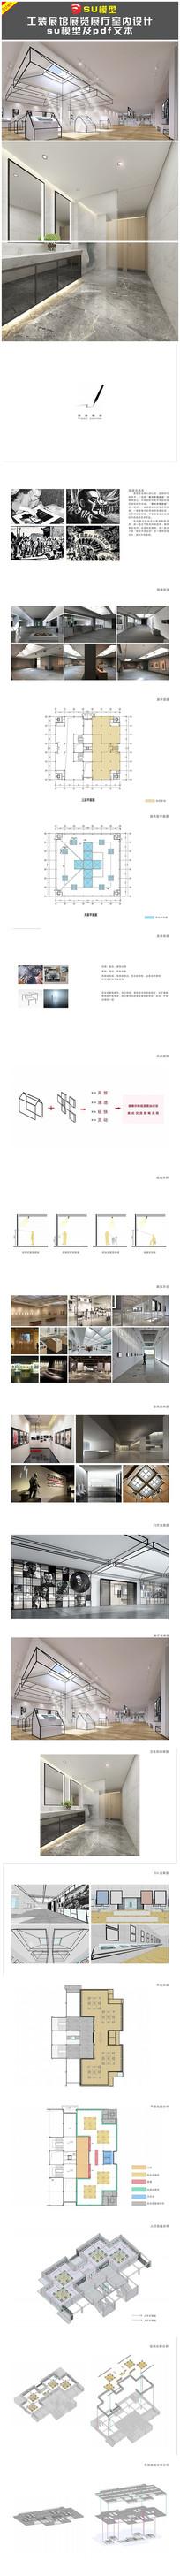 展览馆室内设计su模型及文本